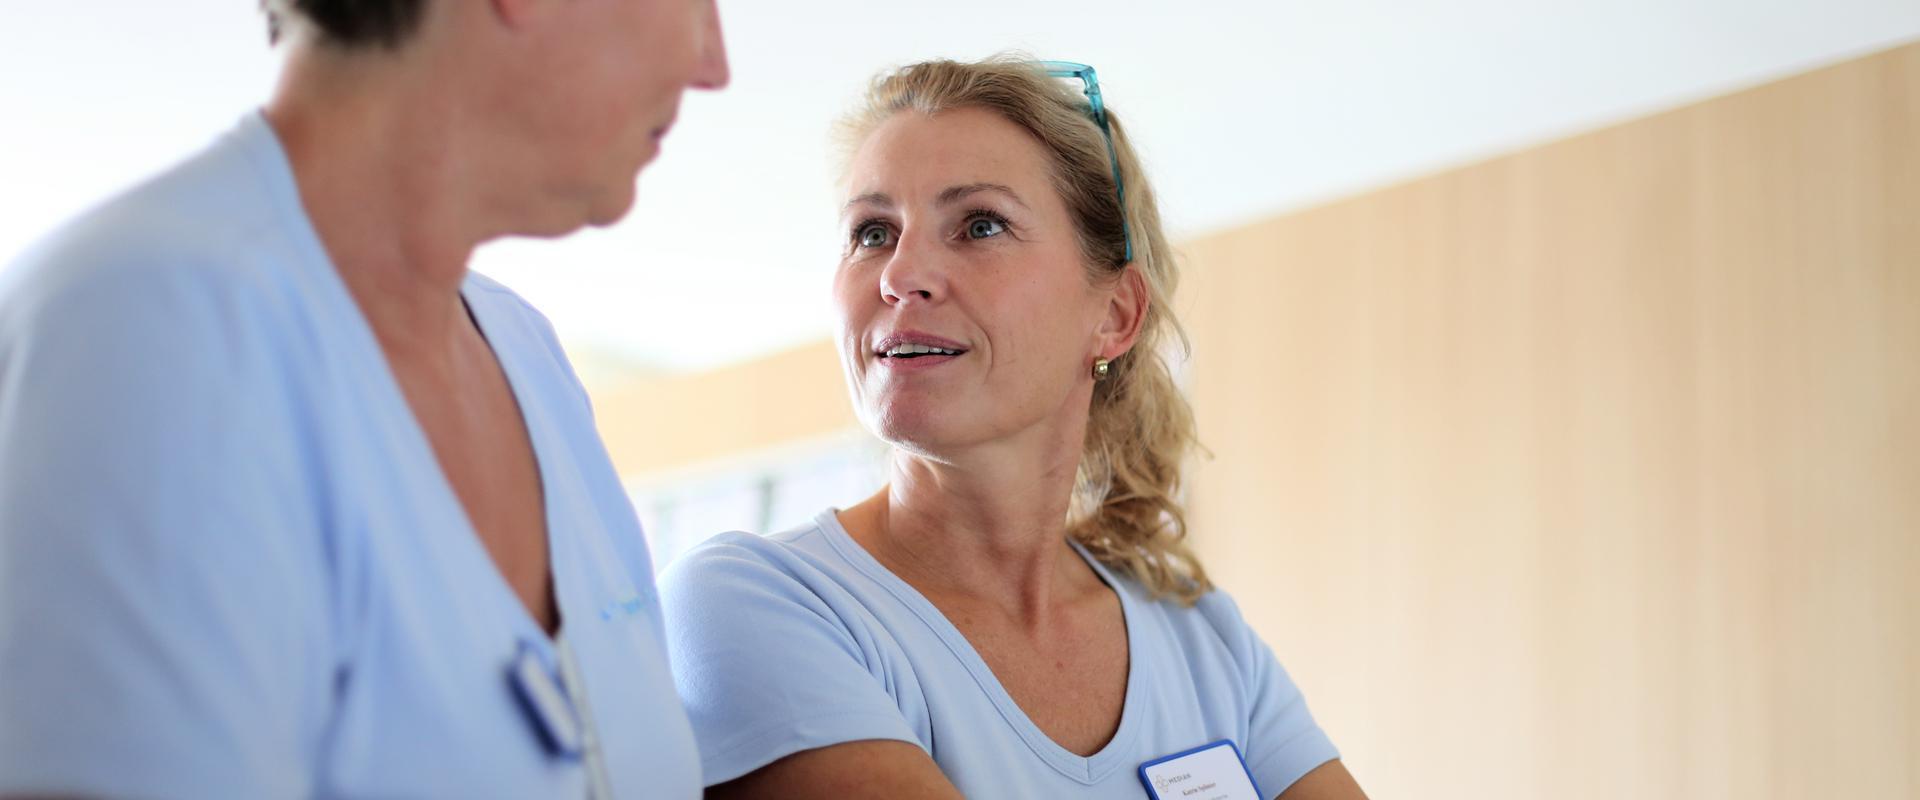 Arzt und Ärztin unterhalten sich miteinander in der MEDIAN Klinik Grünheide